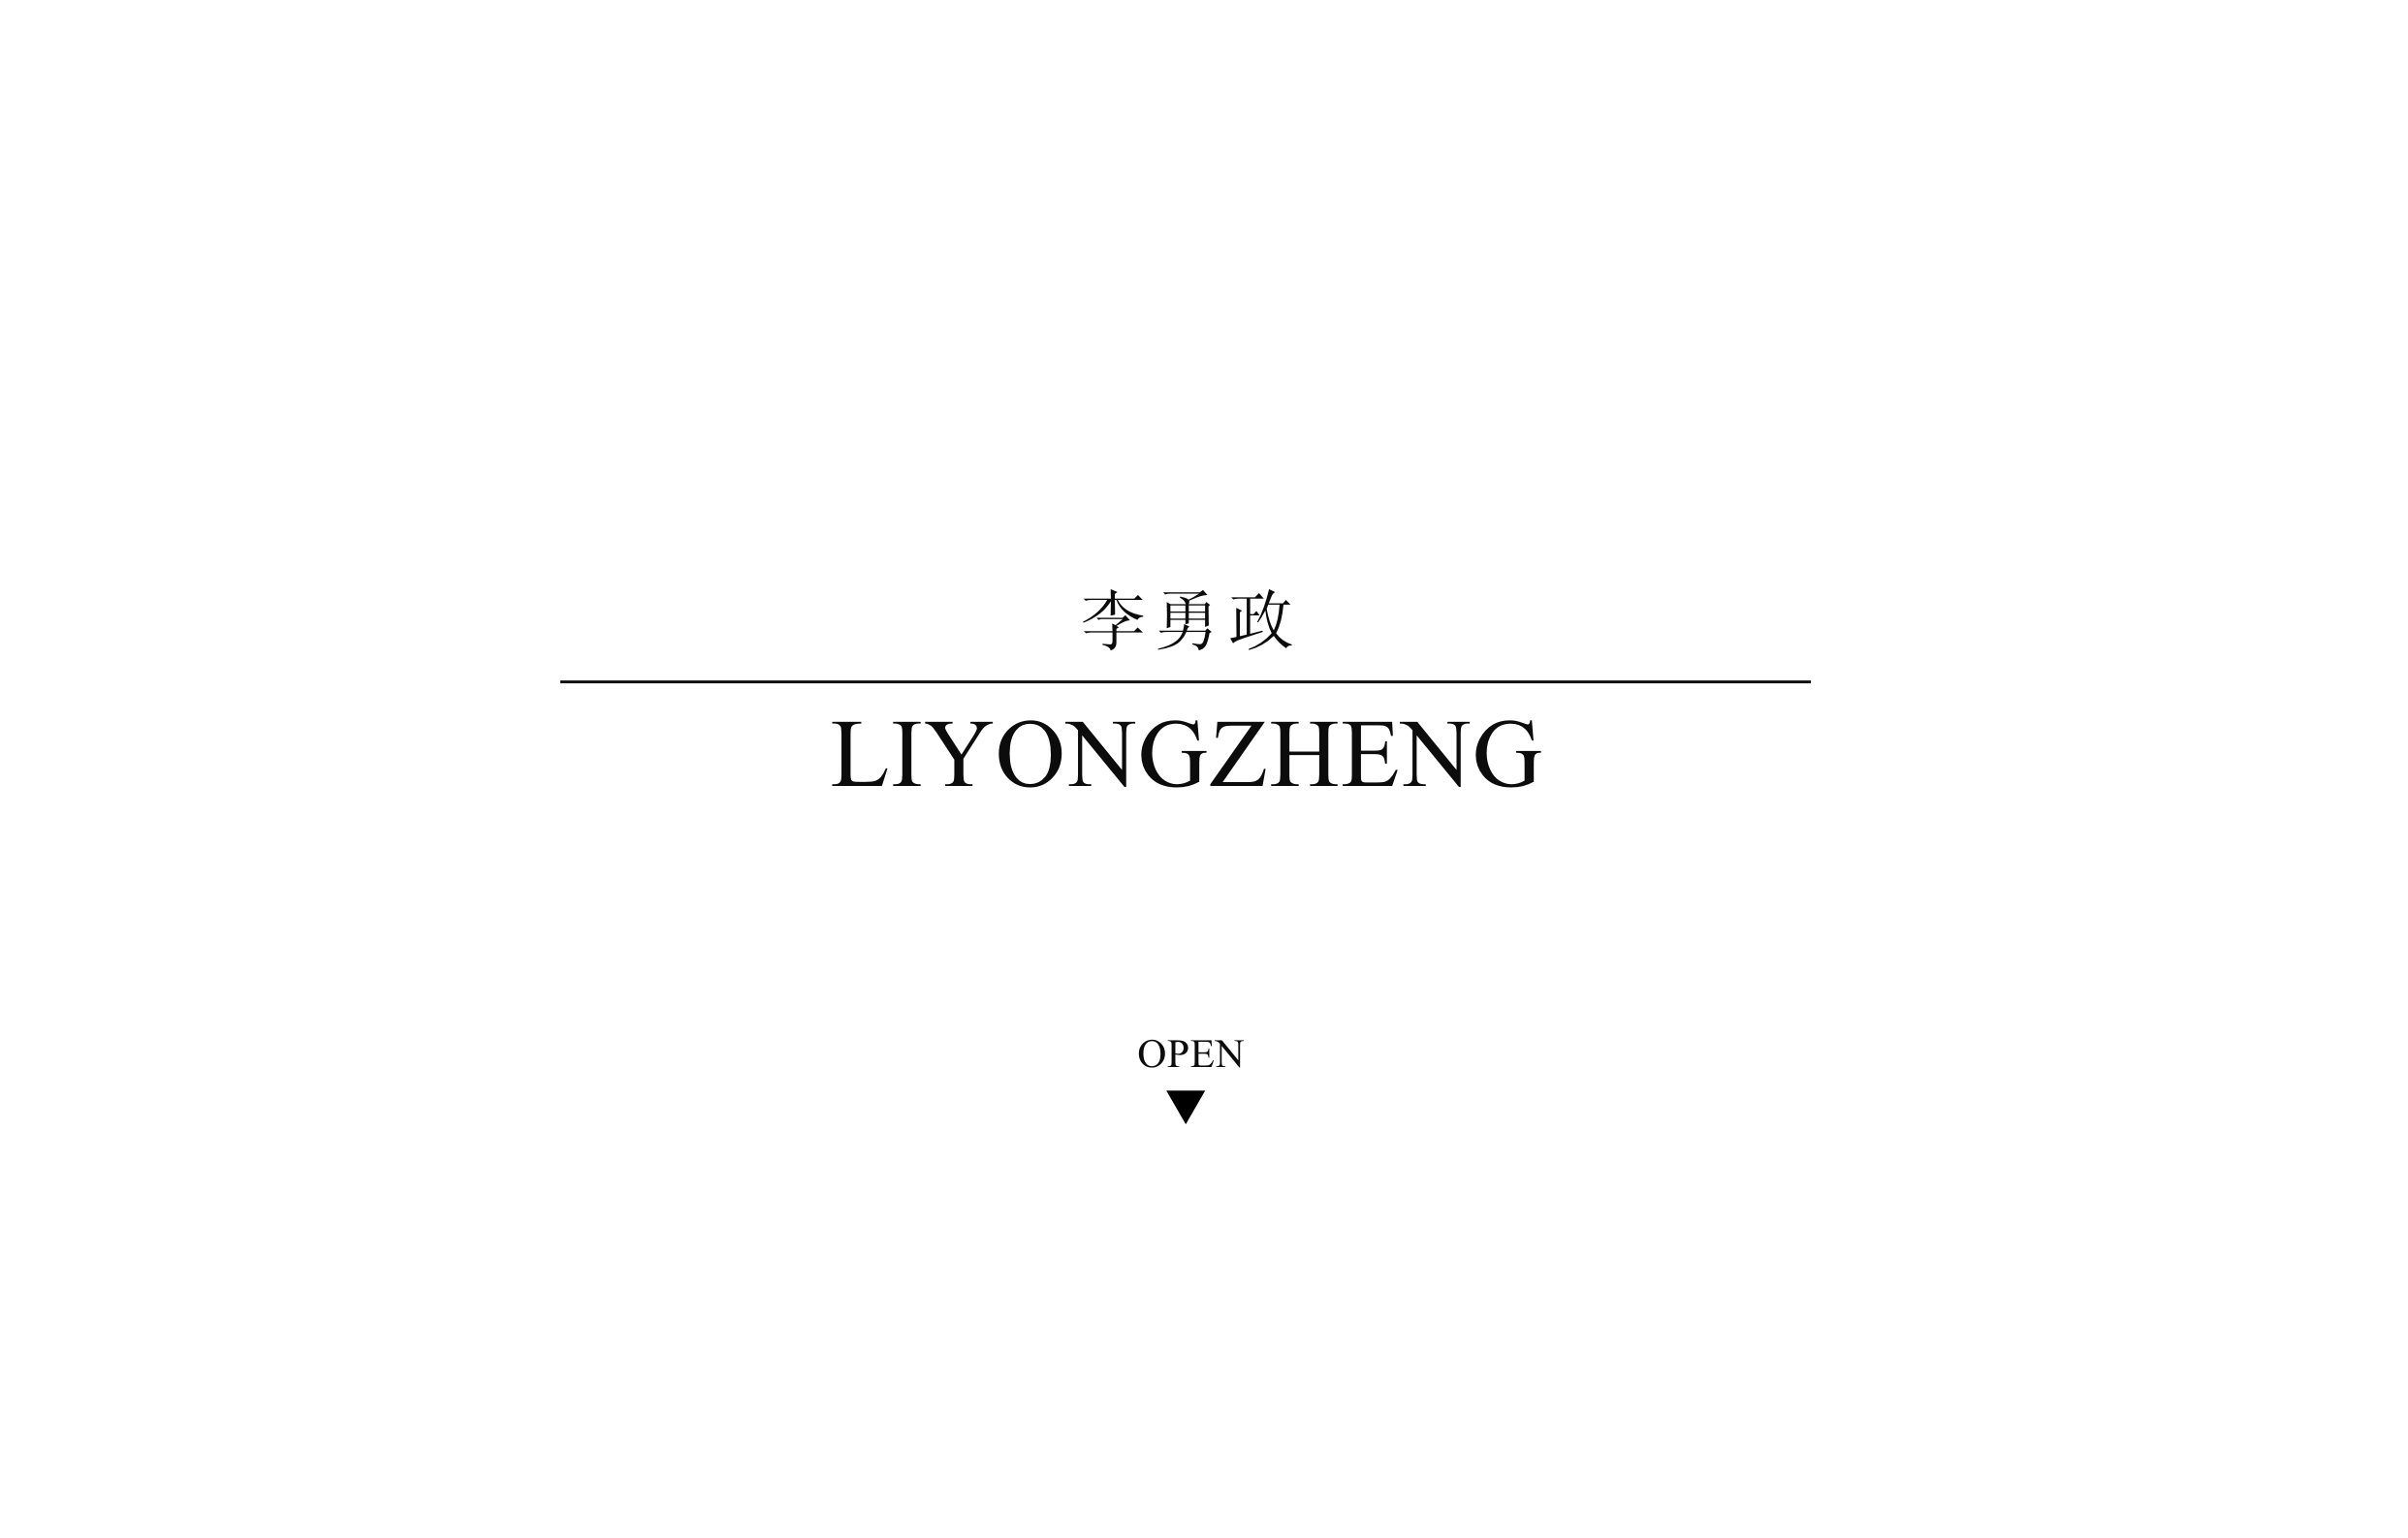 YongzhengLi